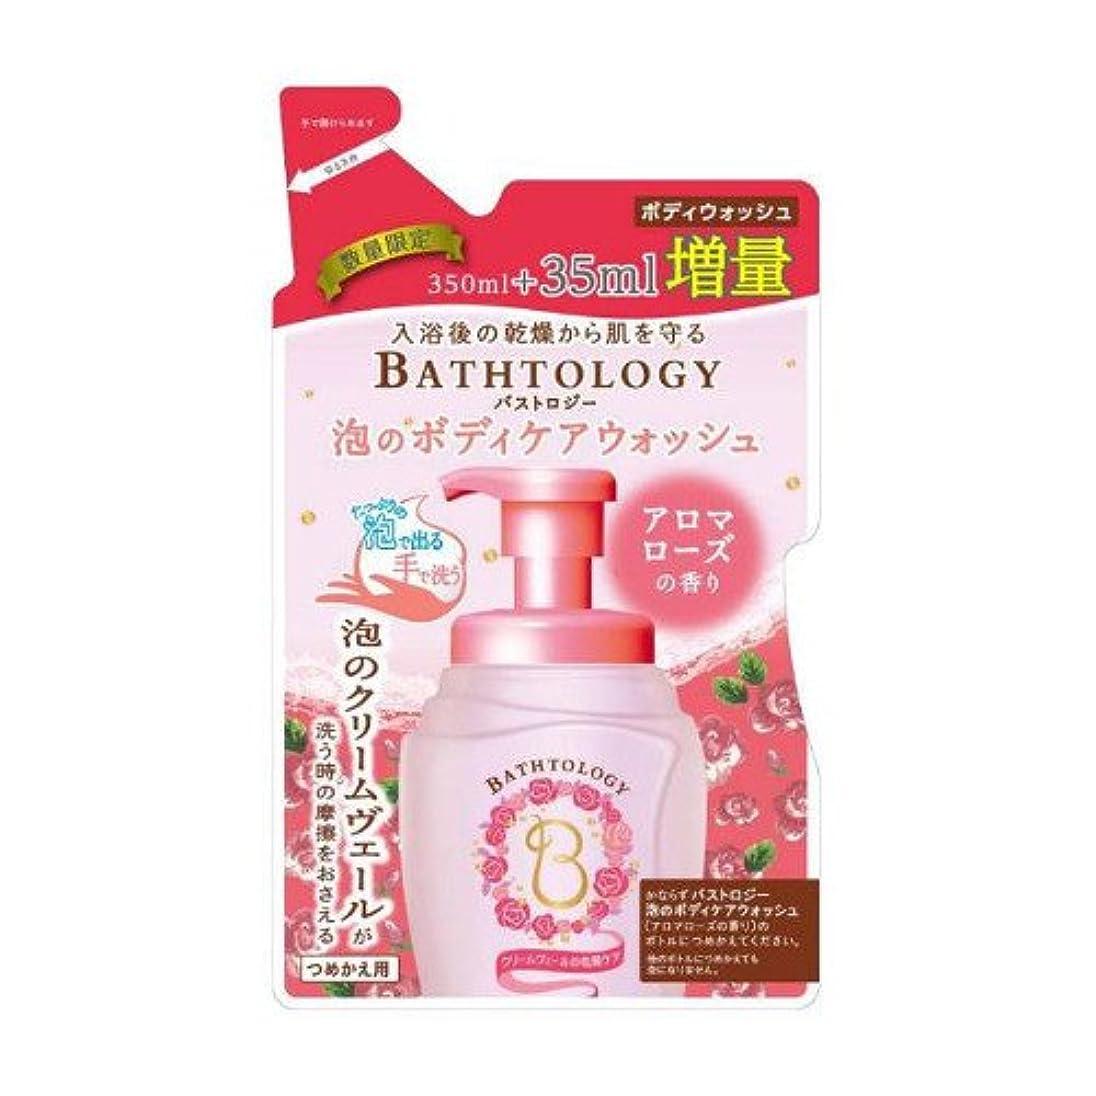 男らしさ軍隊膨らませるBATHTOLOGY(バストロジー) 泡のボディケアウォッシュ アロマローズの香り 詰替